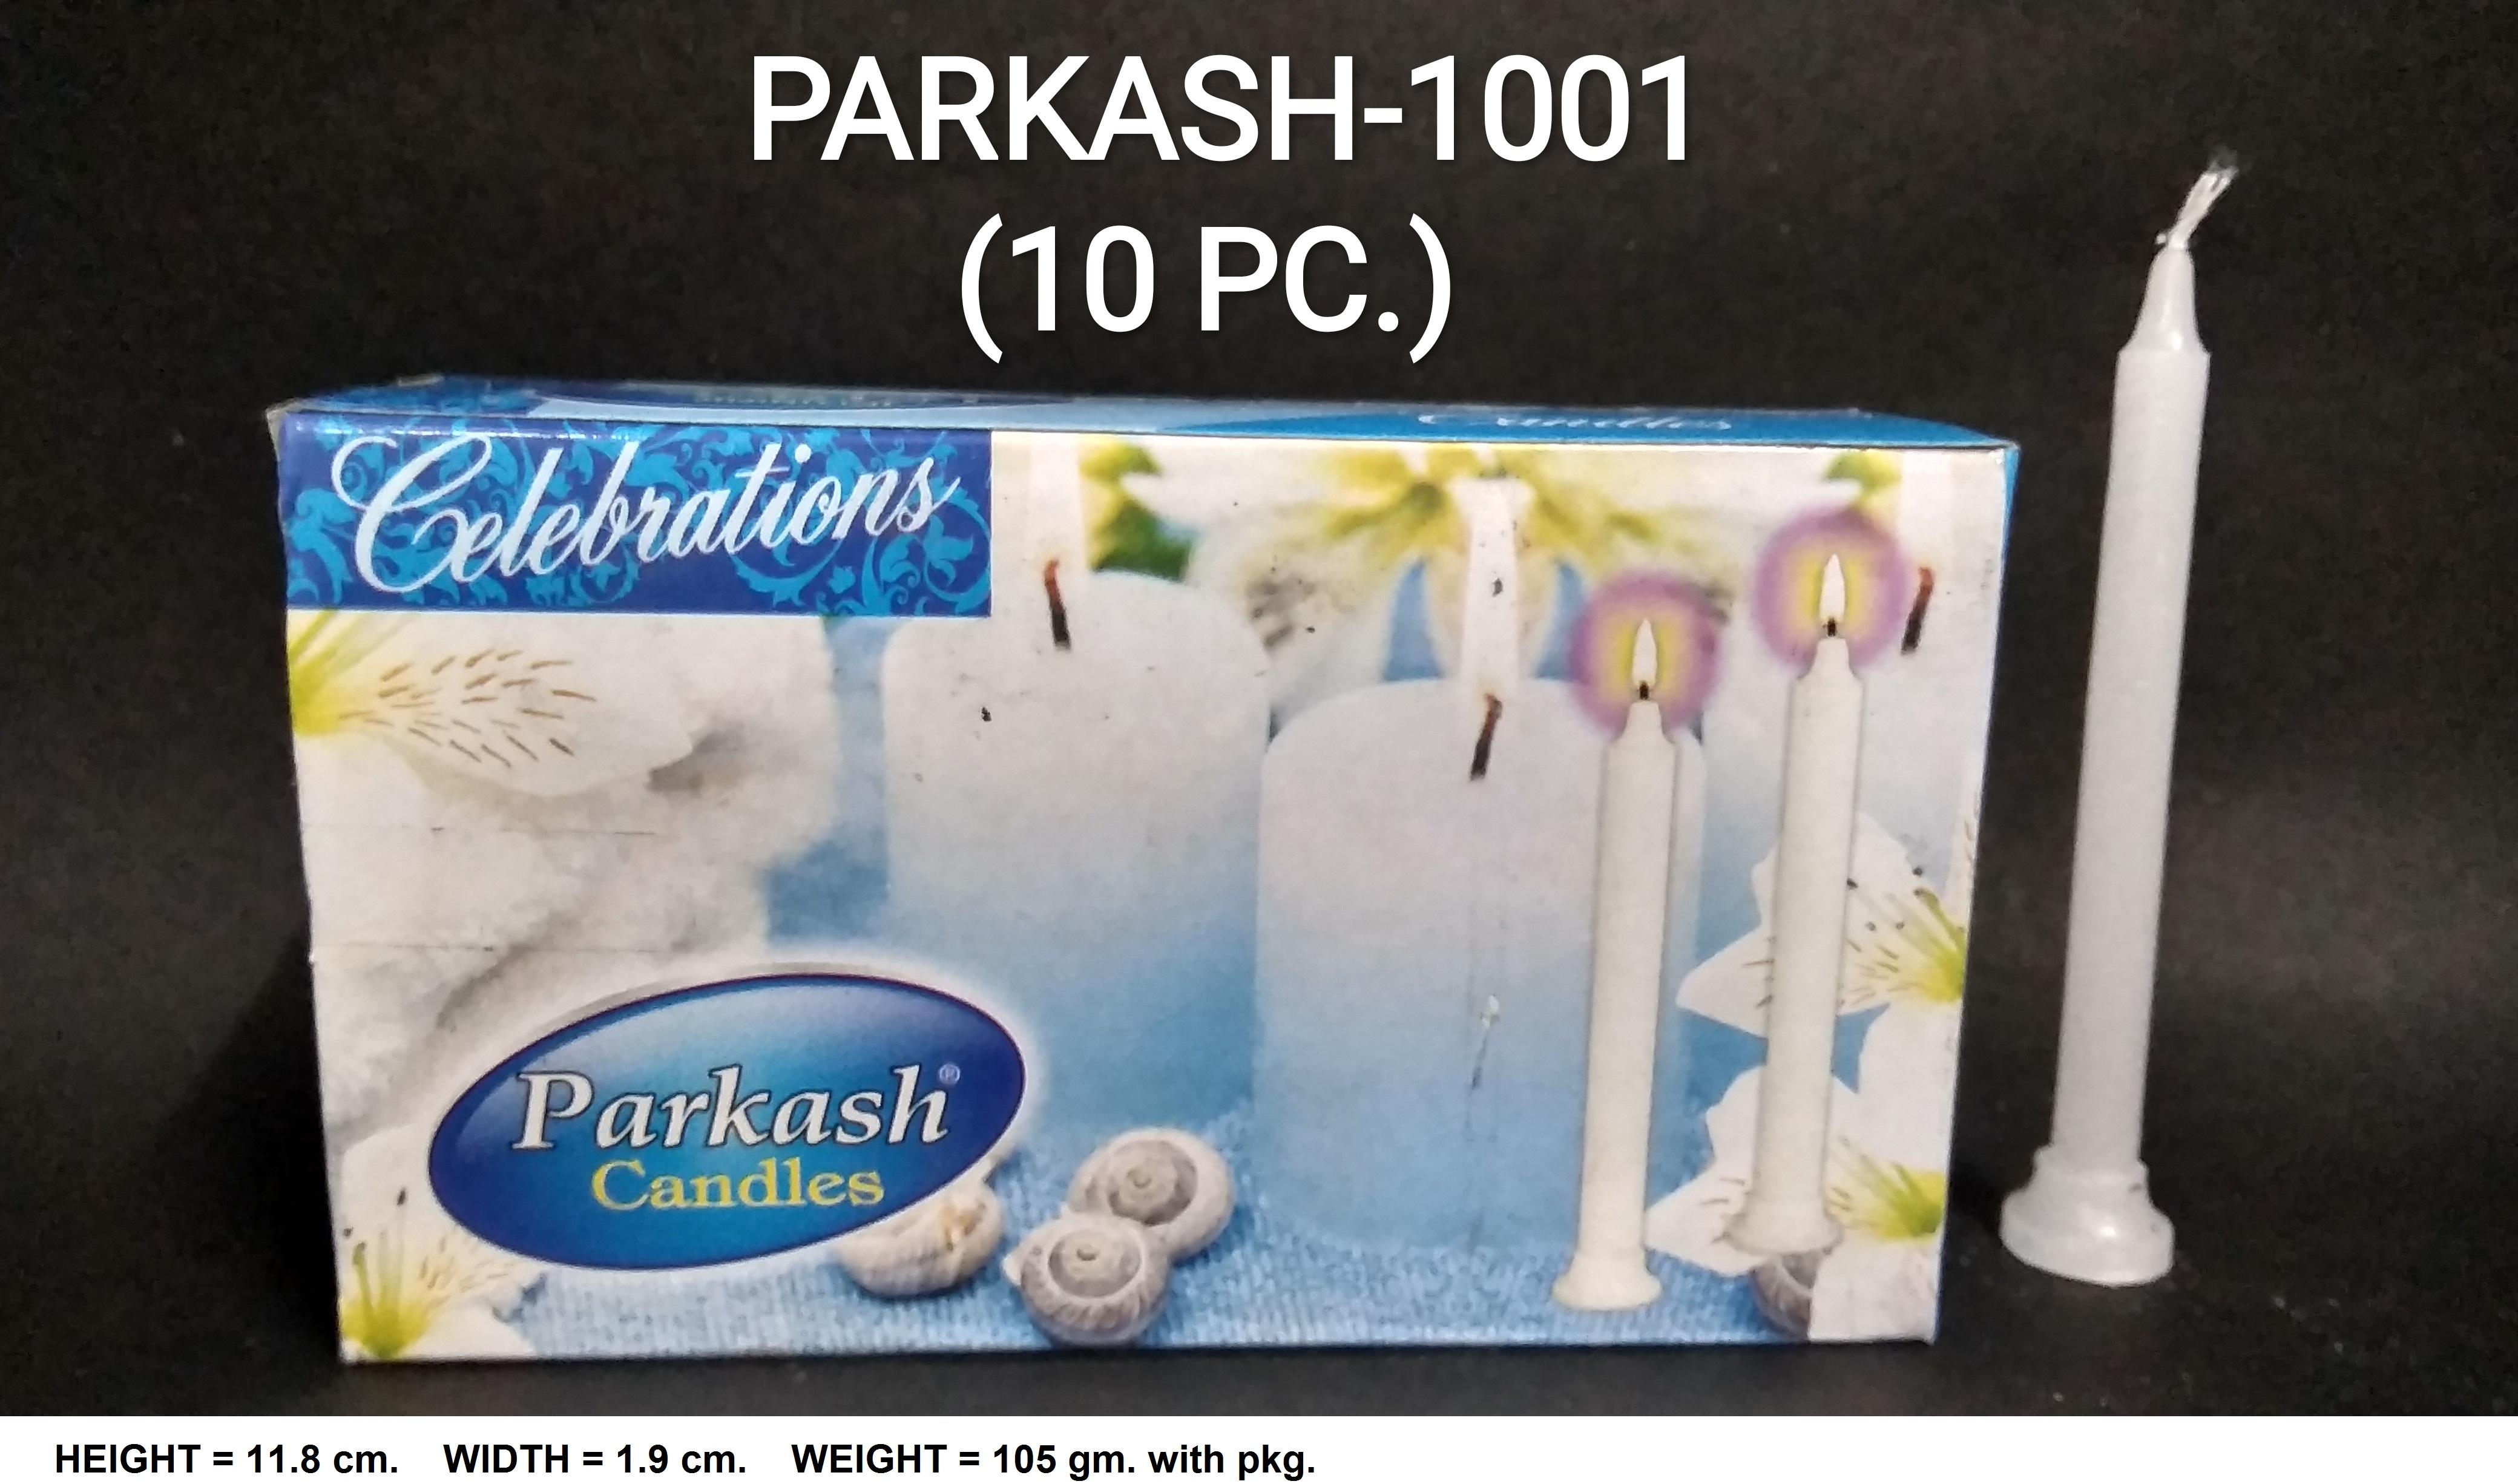 PARKASH-1001